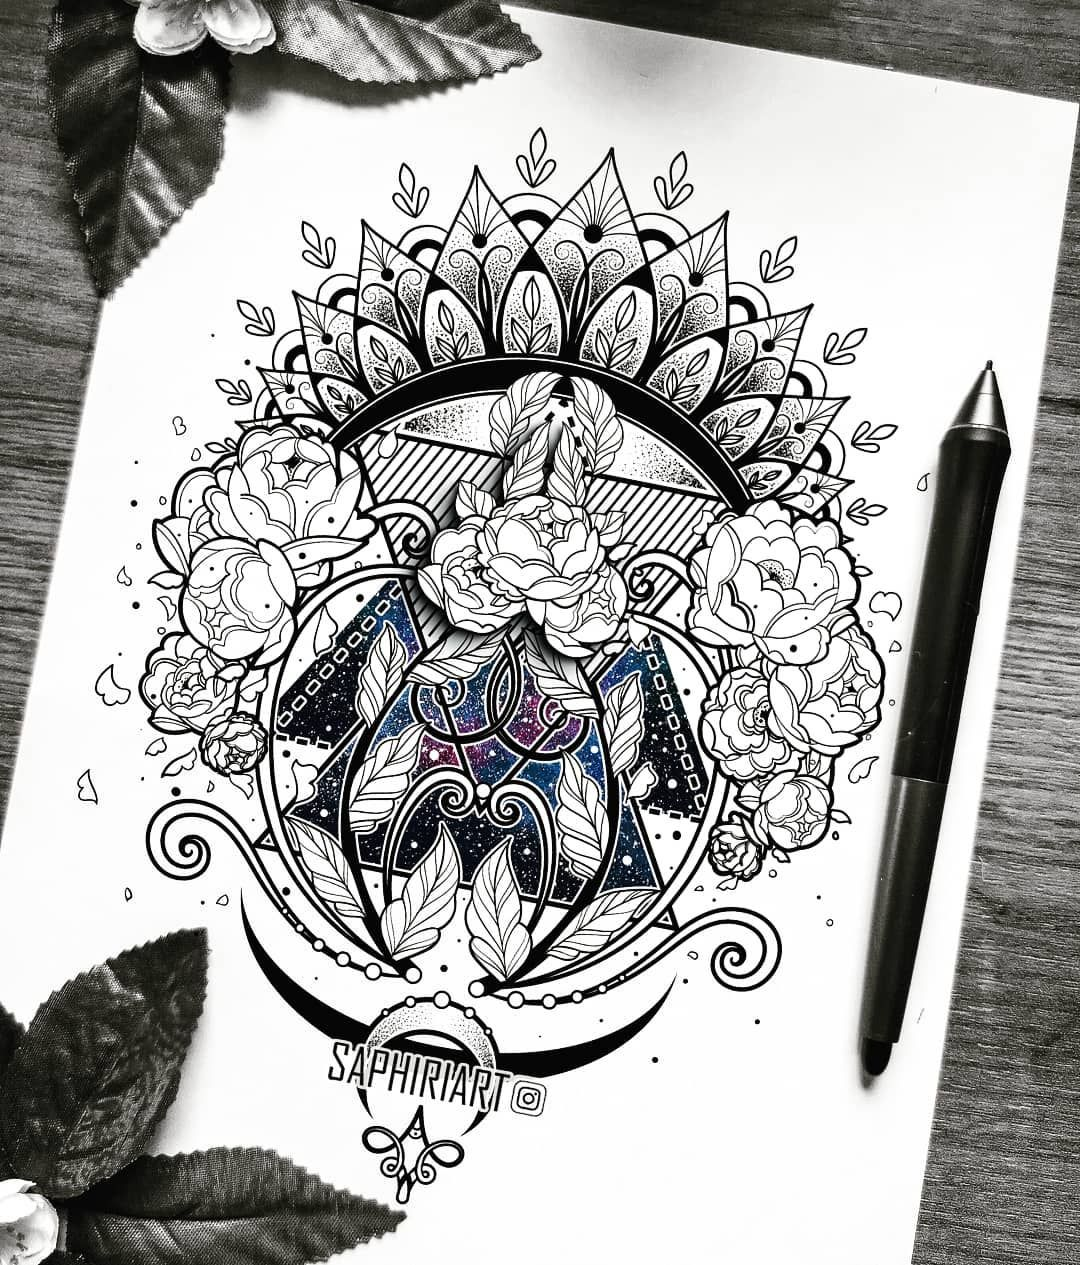 Galaxy Flower Mandala Zentangle Fineart Fineline Tattoo Design